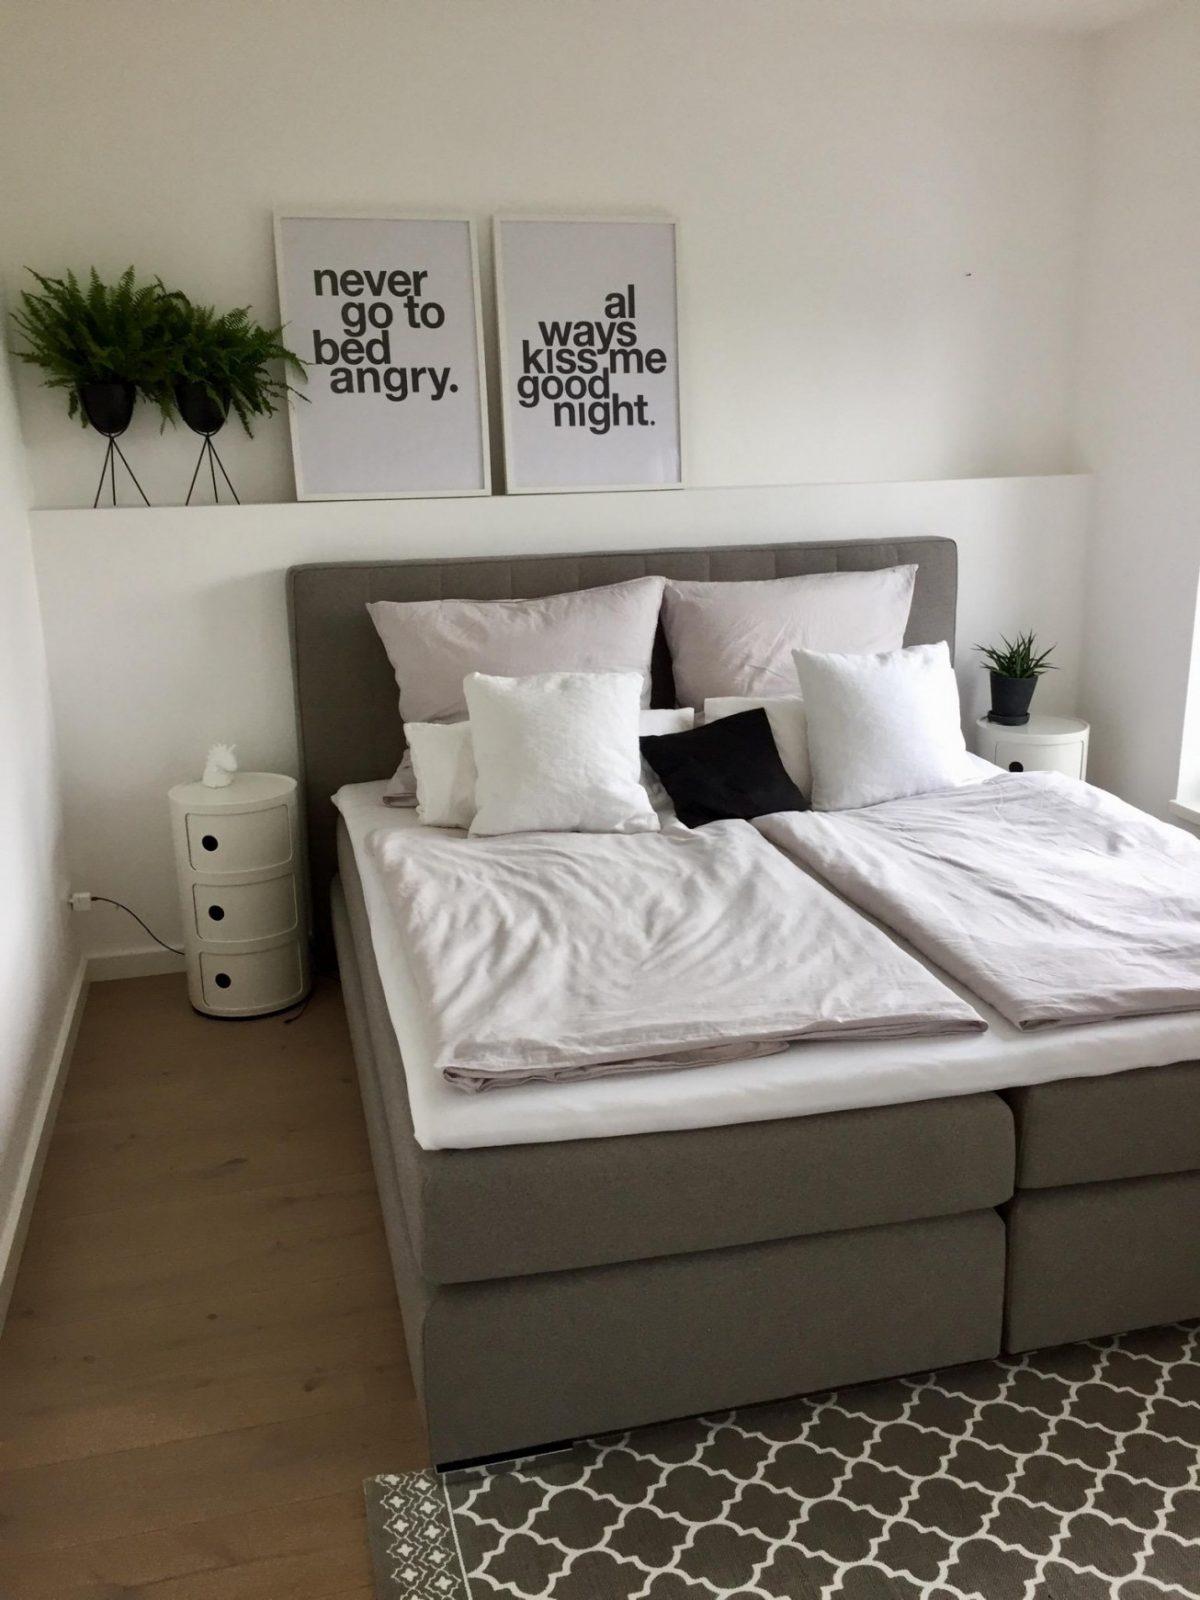 Boxspringbettideen Lass Dich Inspirieren von Schlafzimmer Boxspringbett Ideen Bild